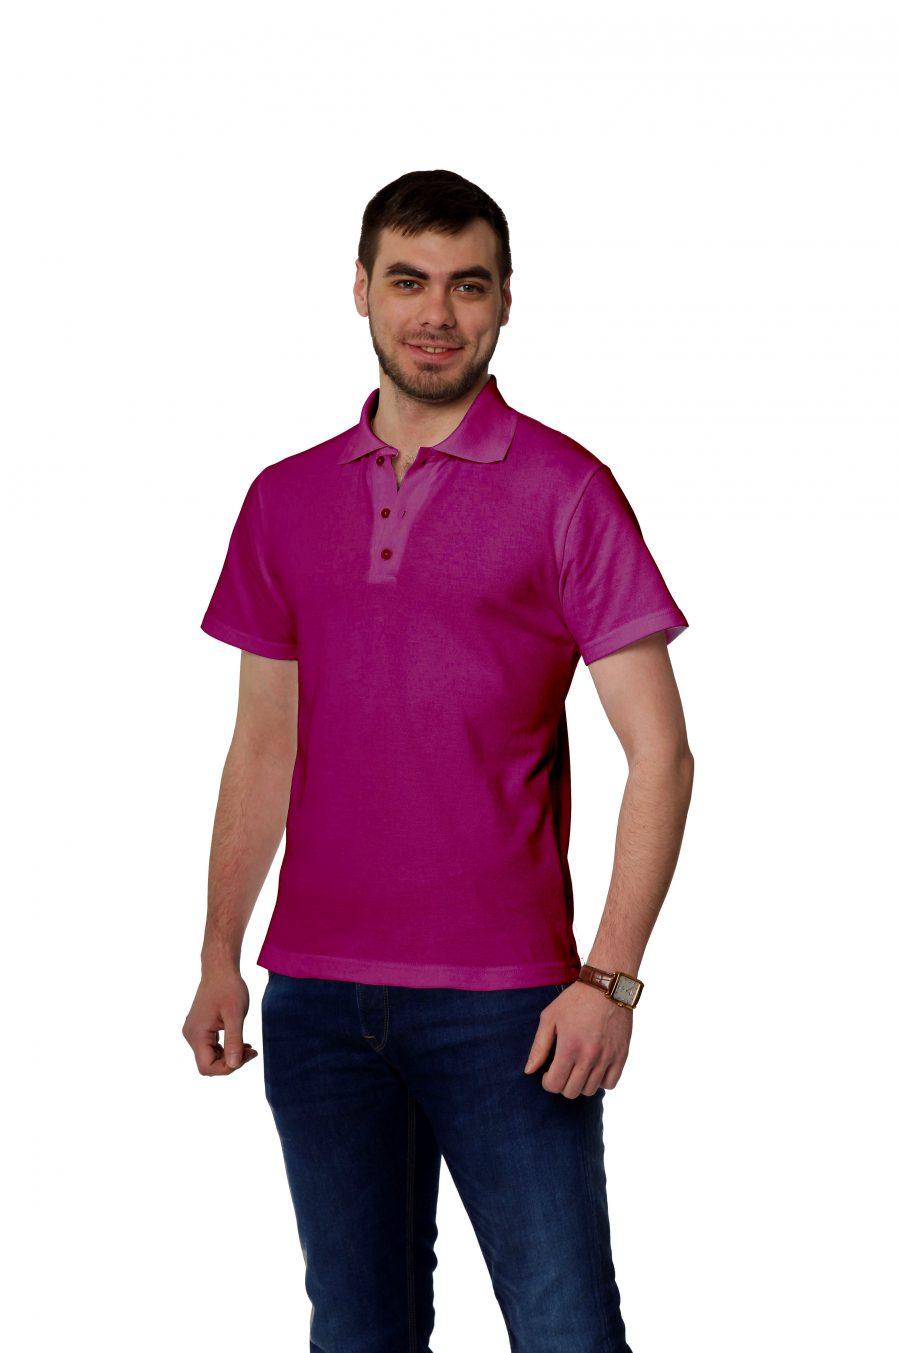 Рубашка-поло KANO MP цвет: фуксия купить оптом,